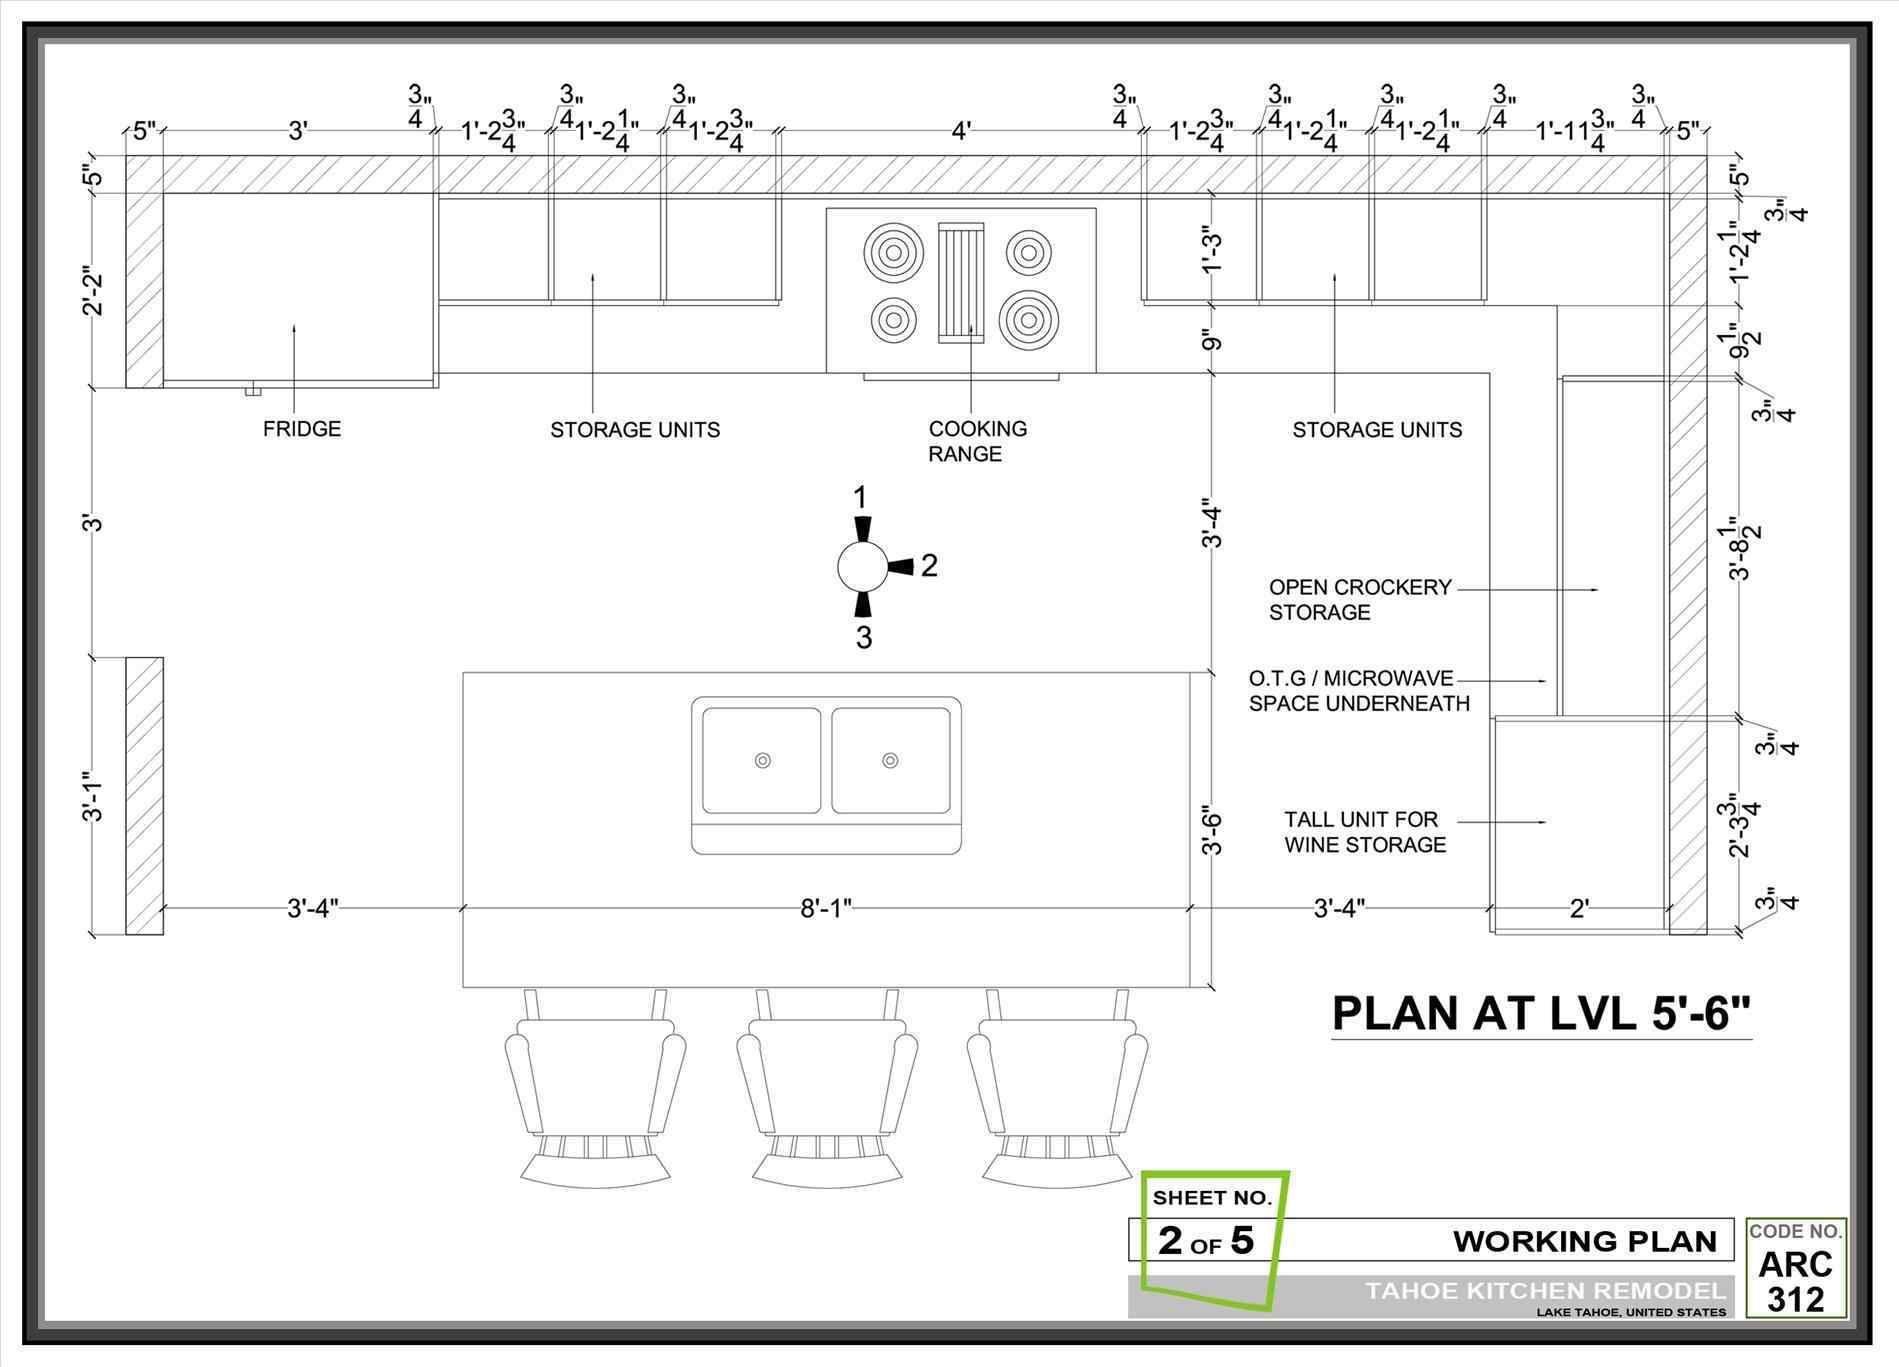 Island Dimensions Design Outdoor Kitchen Plans Pdf Zitzat Com Kitchens Rhemaninagarcom G Kitchen Island Dimensions Outdoor Kitchen Plans Kitchen Designs Layout